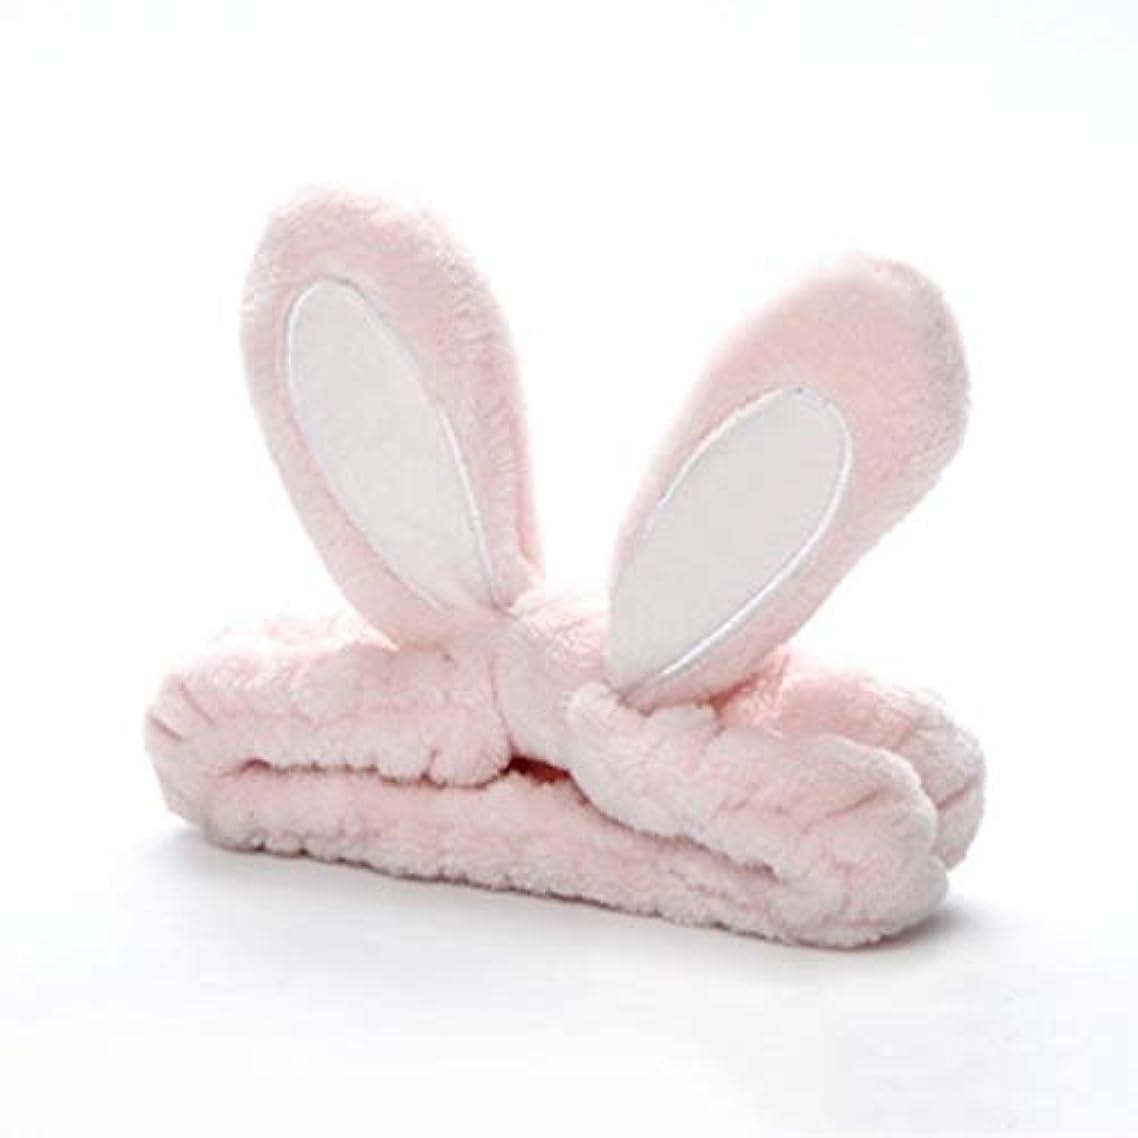 アスレチック乳モールス信号かわいいうさぎ耳帽子洗浄顔とメイクアップ新しくファッションヘッドバンド - ライトピンク